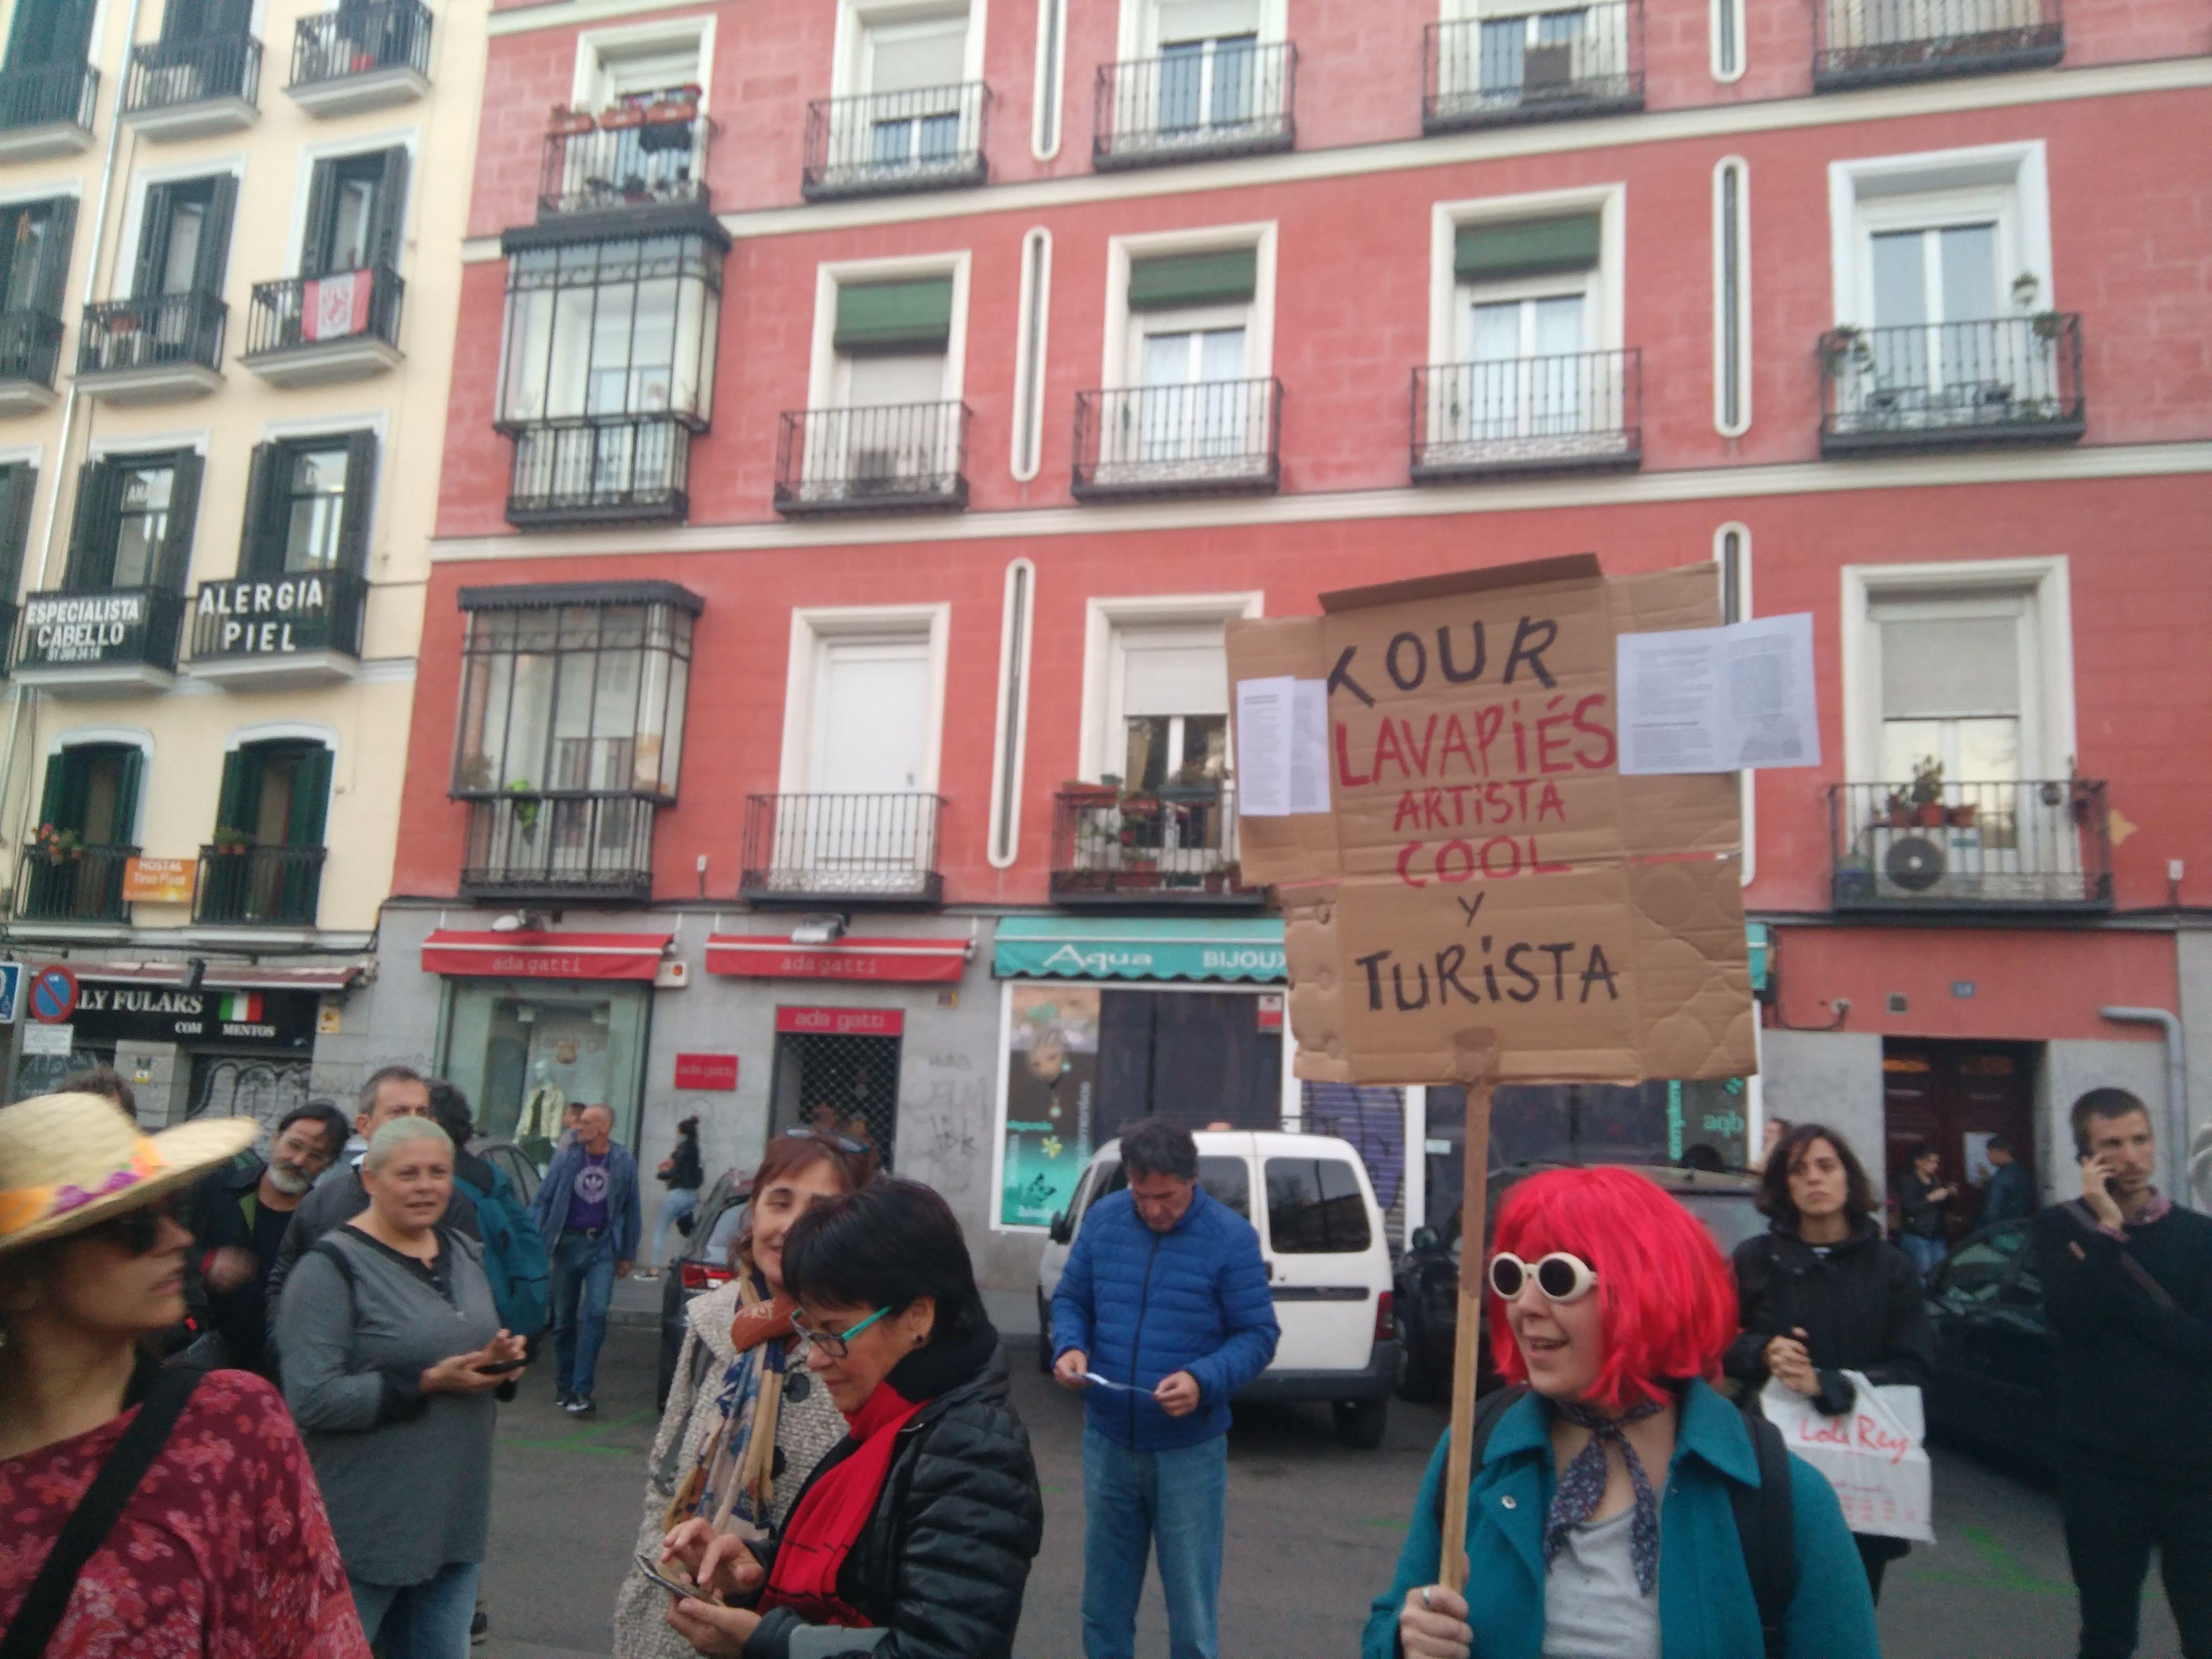 El barrio de Lavapiés, contra la gentrificación y el turismo de masas